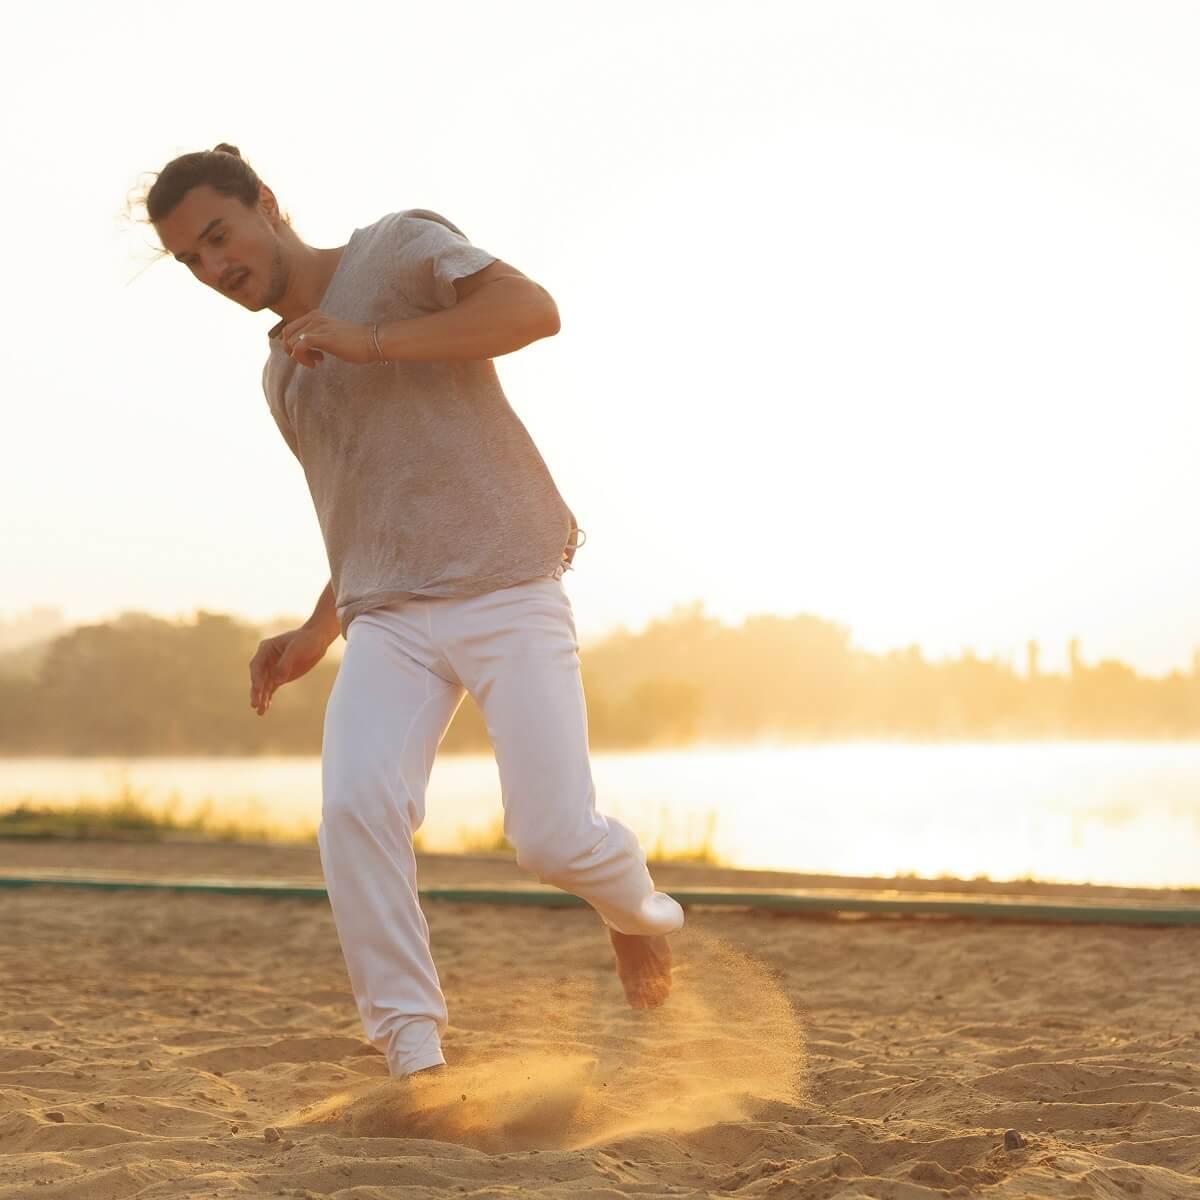 正装で砂浜でかけまわる男性。